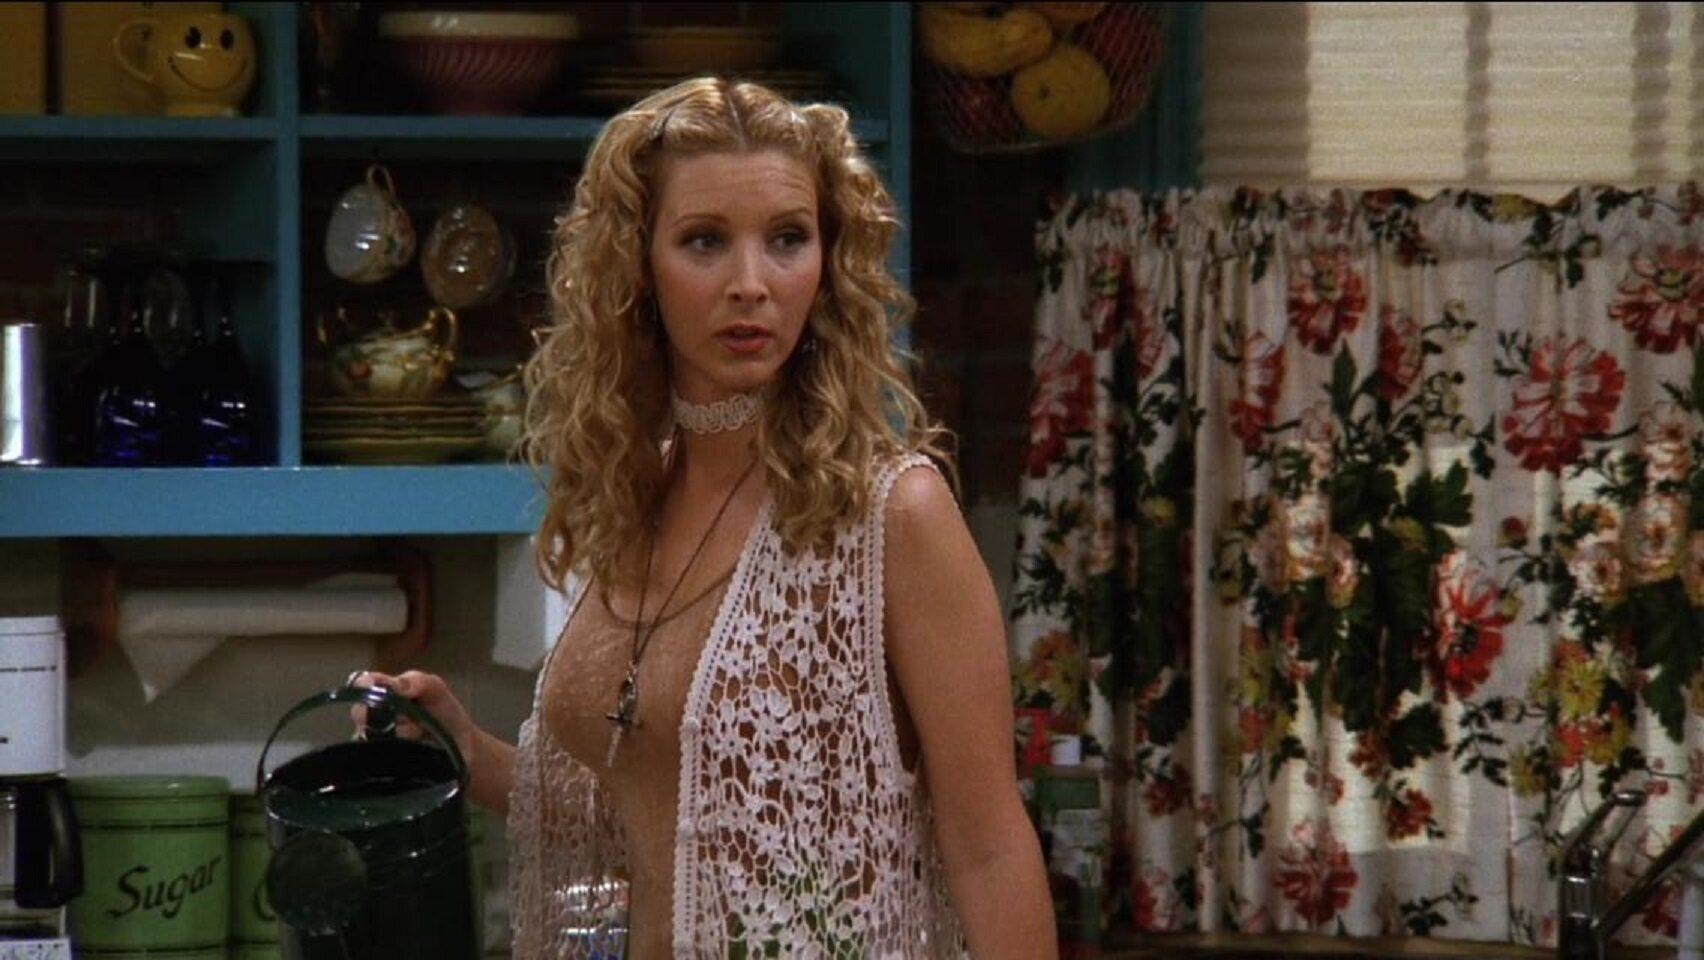 Jaki był największy hit Phoebe?